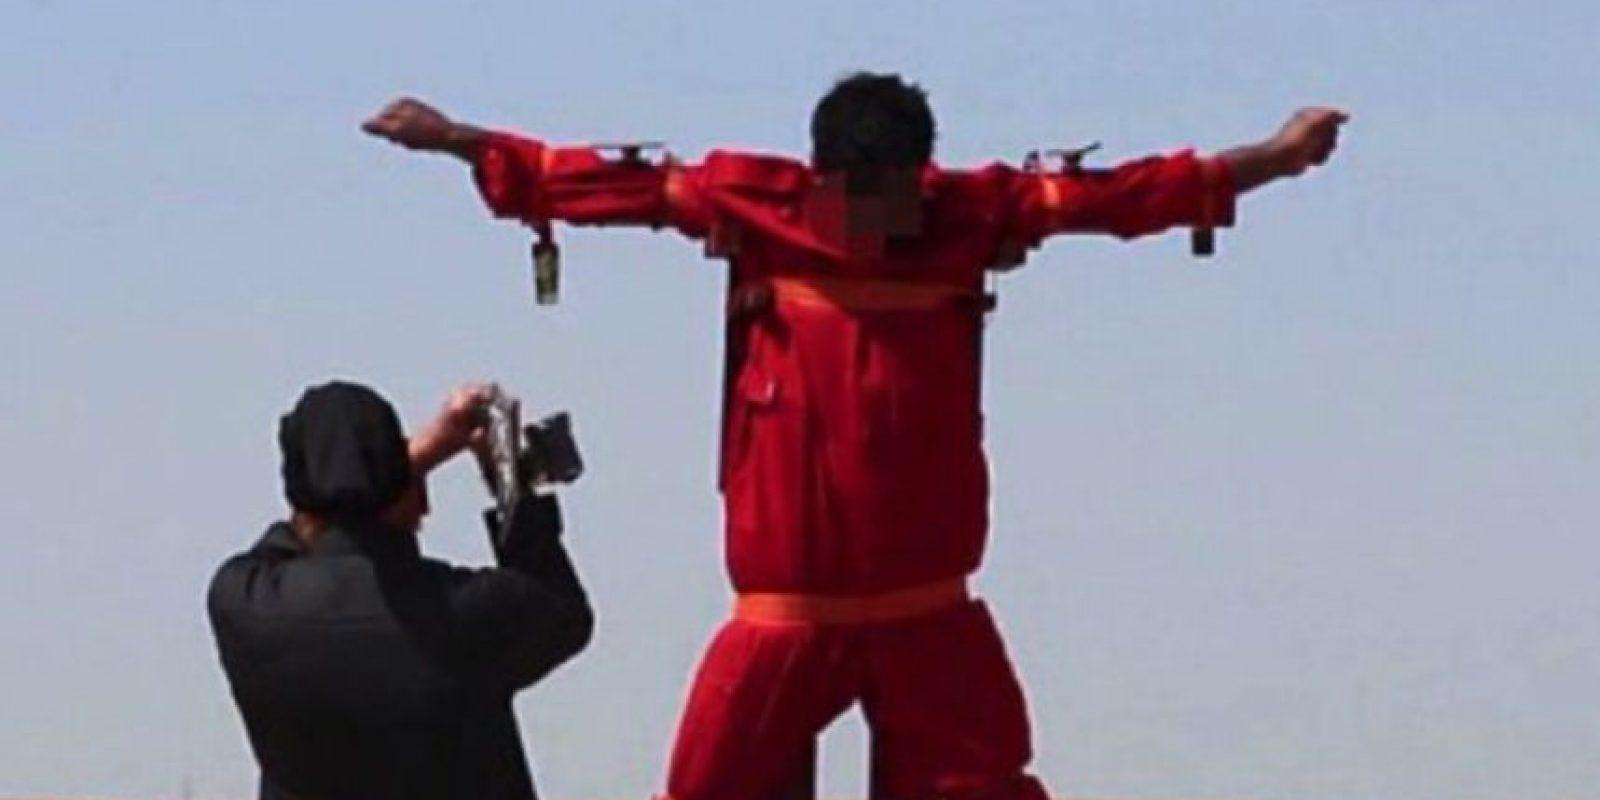 Cortarle las manos. Esto lo hizo con un iraquí acusado de espionaje Foto:Twitter.com – Archivo